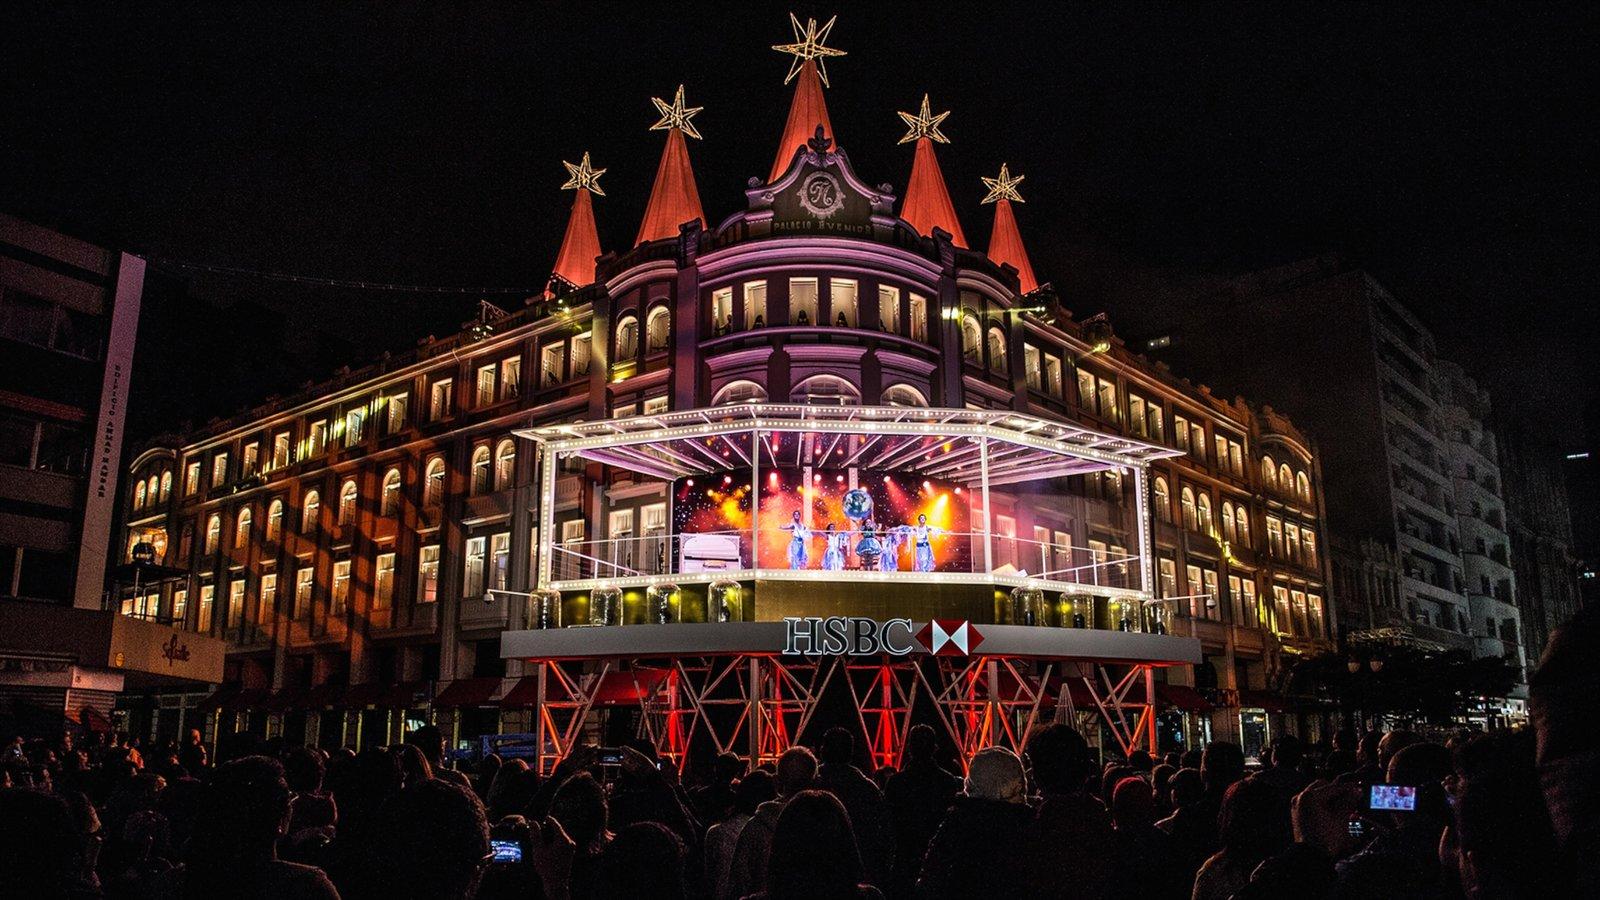 Curitiba que inclui arte performática, vida noturna e cenas noturnas